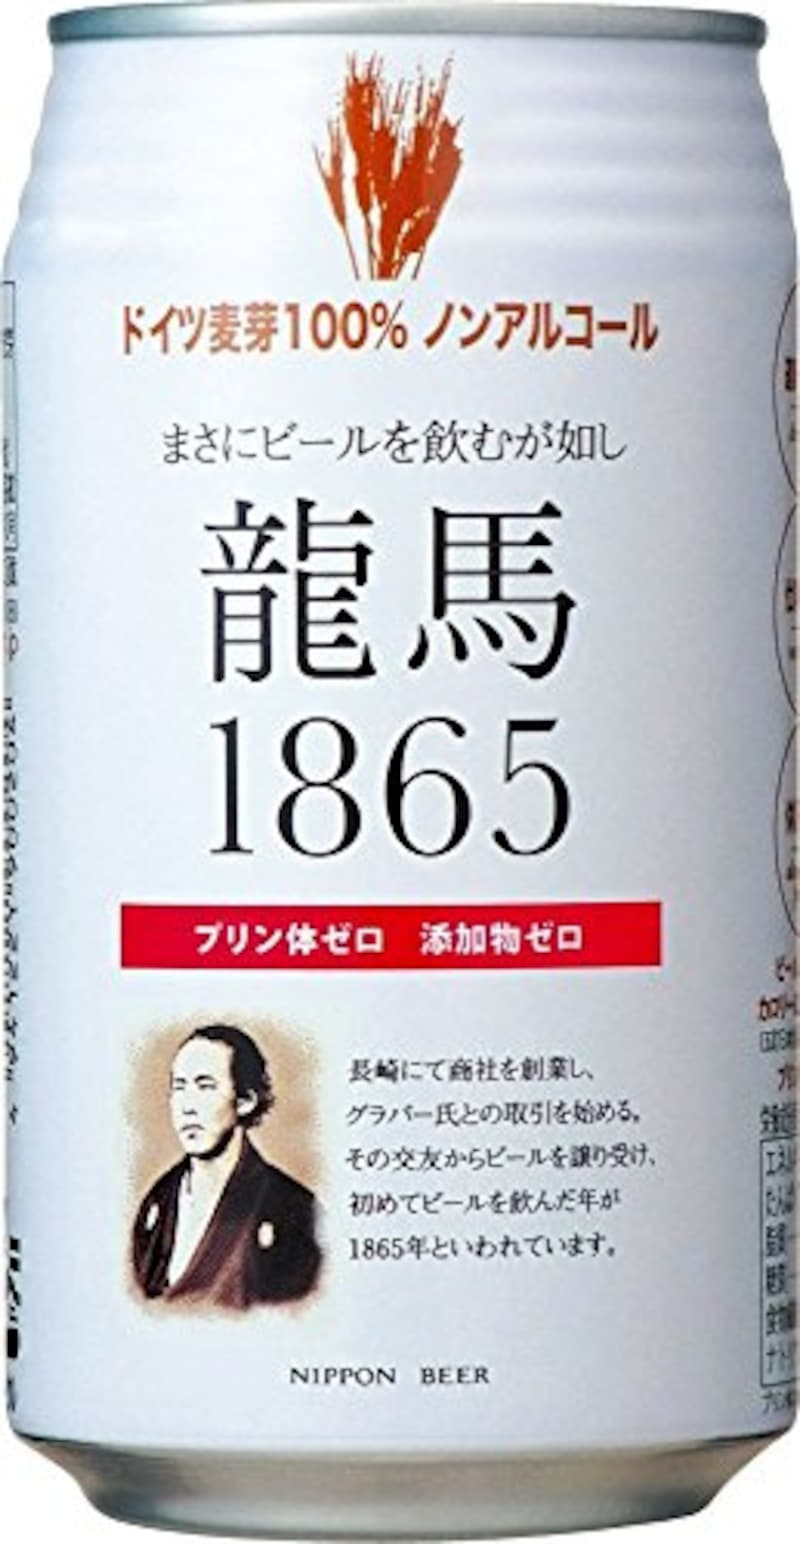 日本ビール,龍馬1865 6缶パック